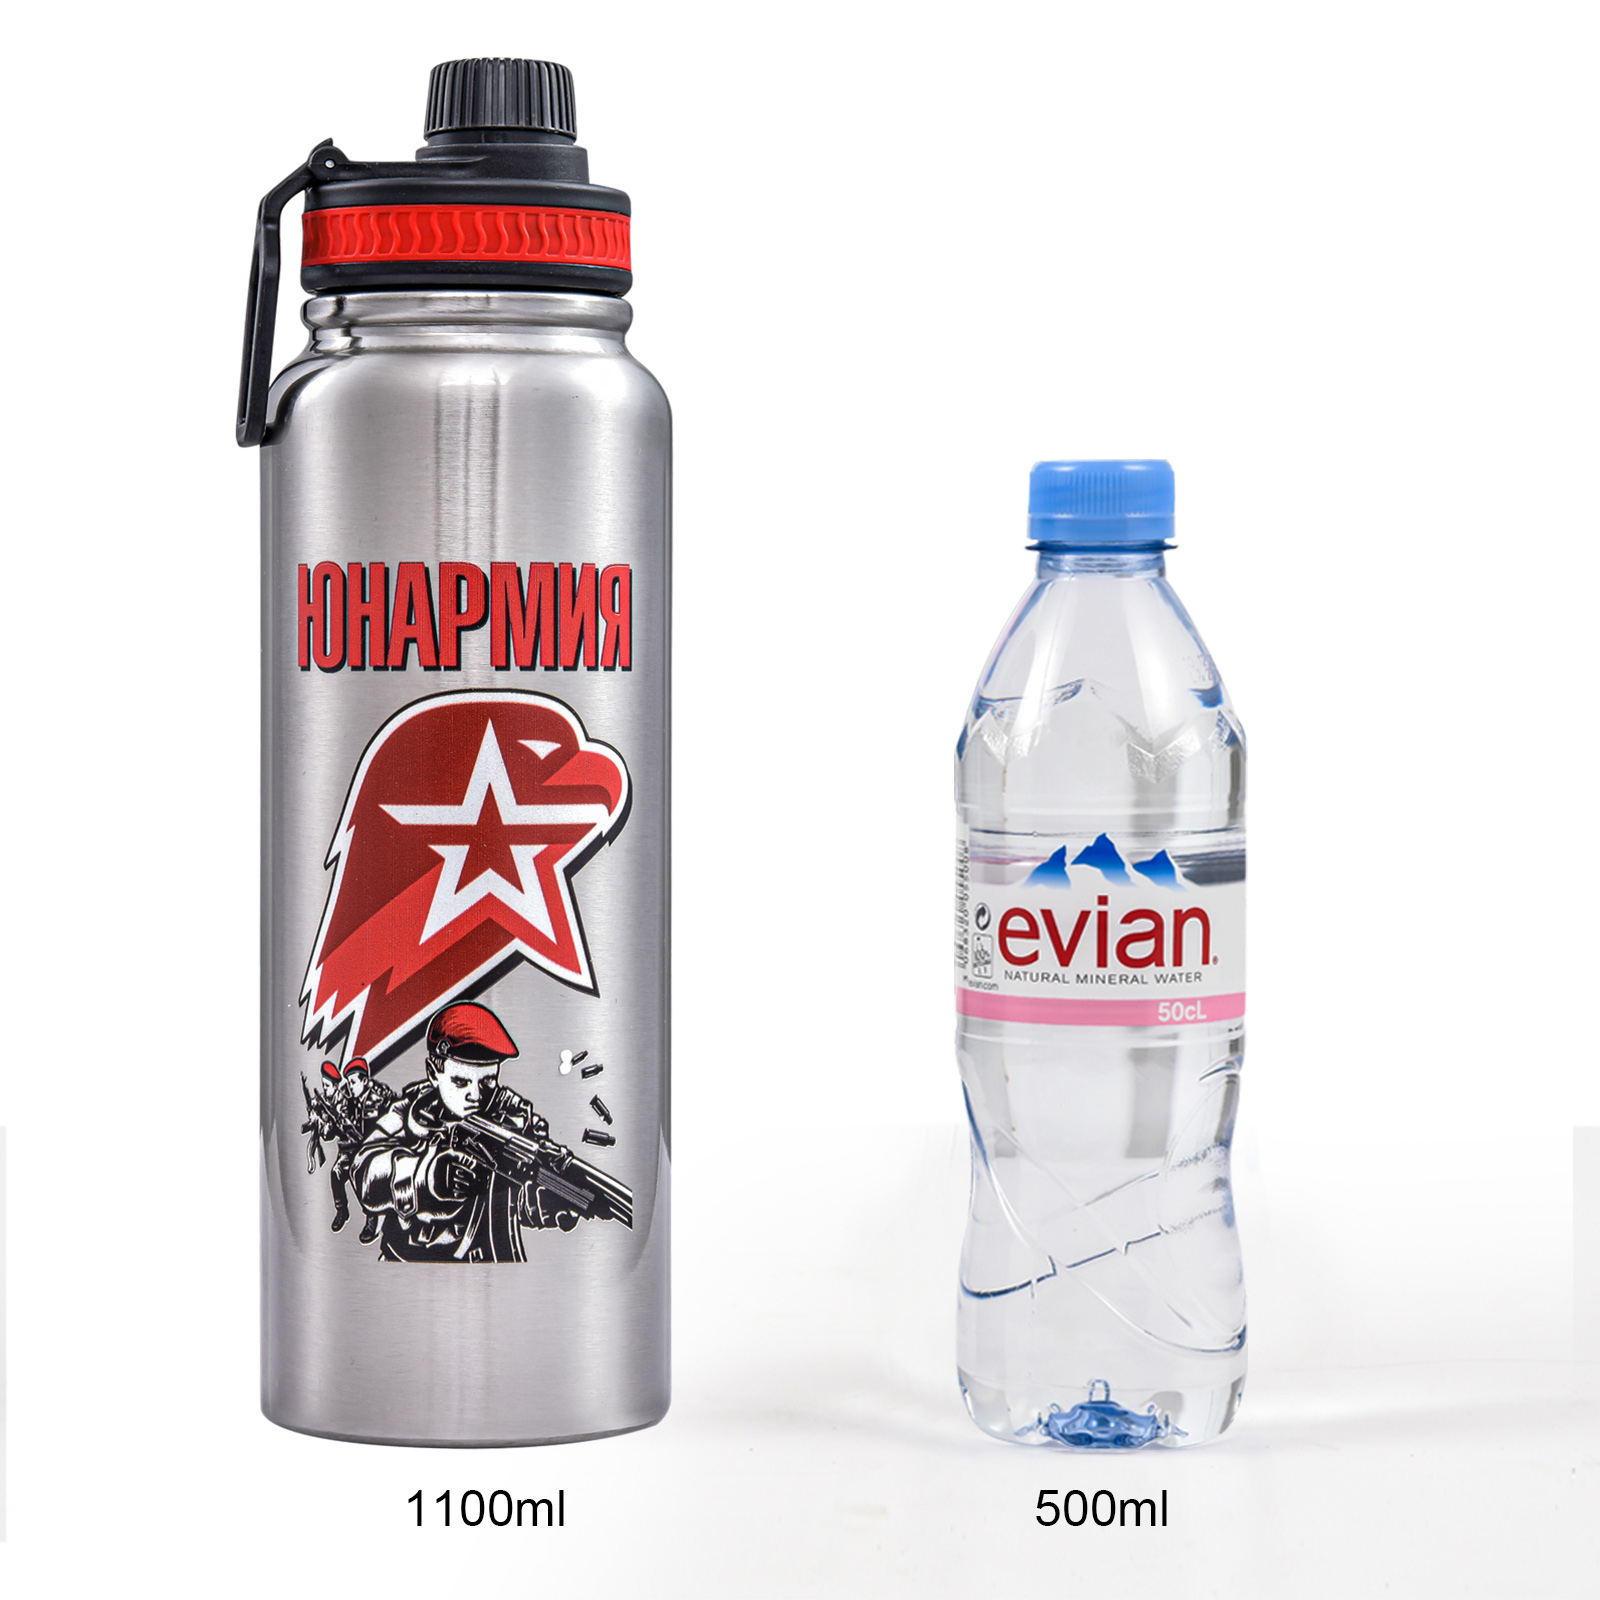 Питьевой термос Юнармия - удобная емкость